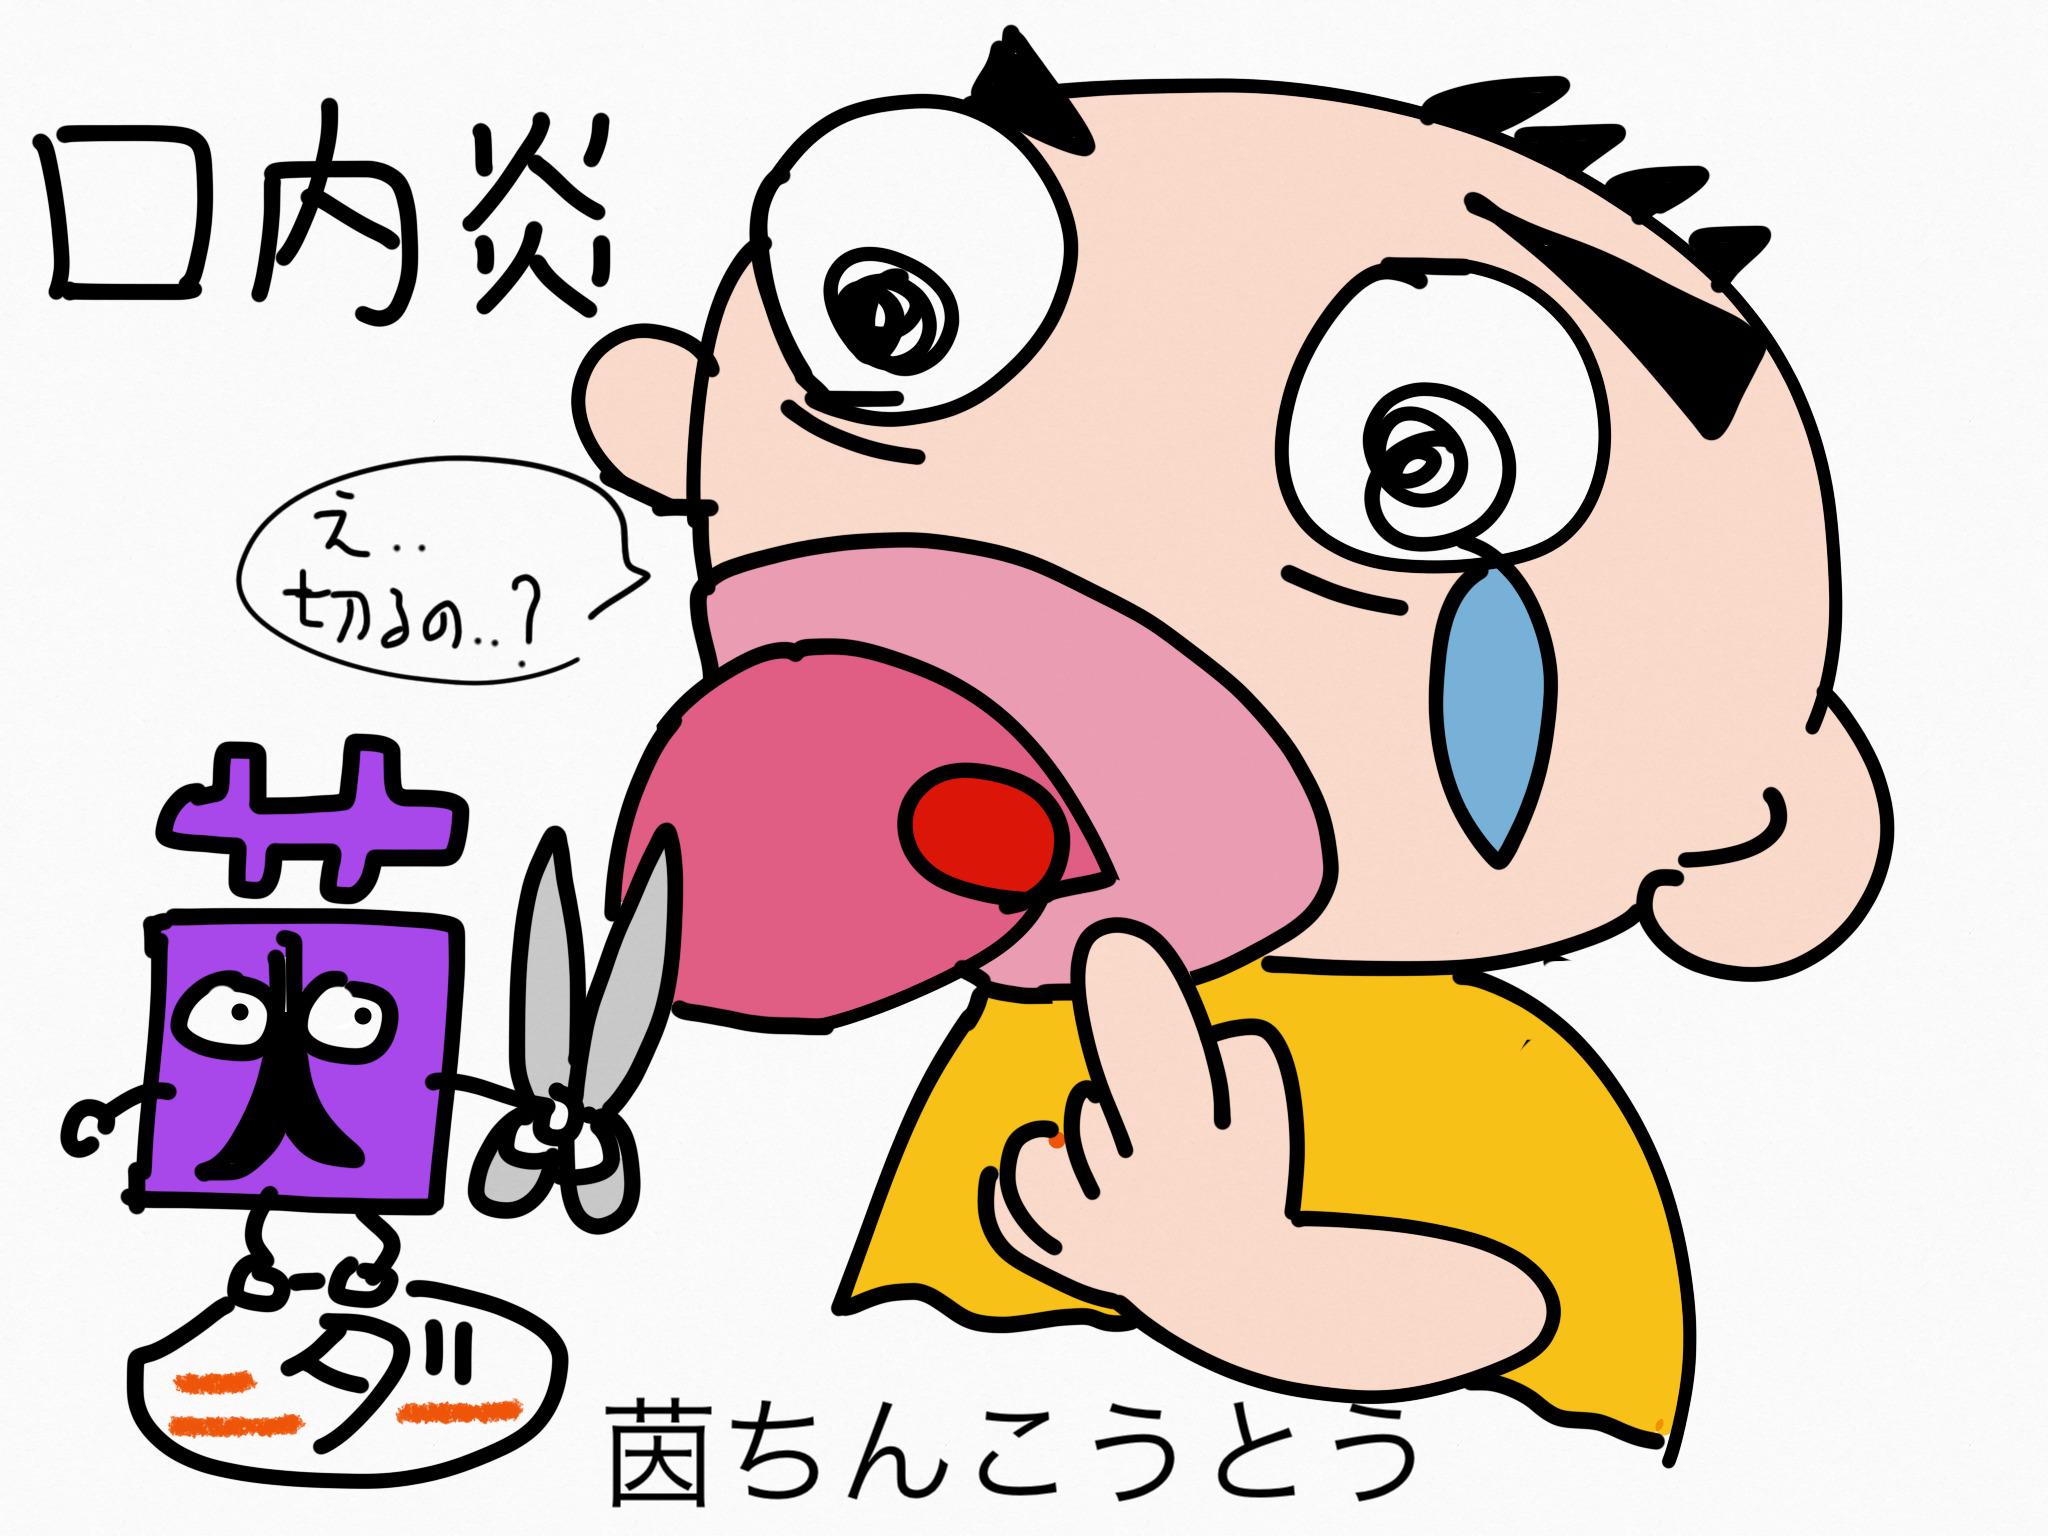 茵蔯蒿湯(いんちんこうとう)[口内炎、蕁麻疹]【漢方の覚え方】